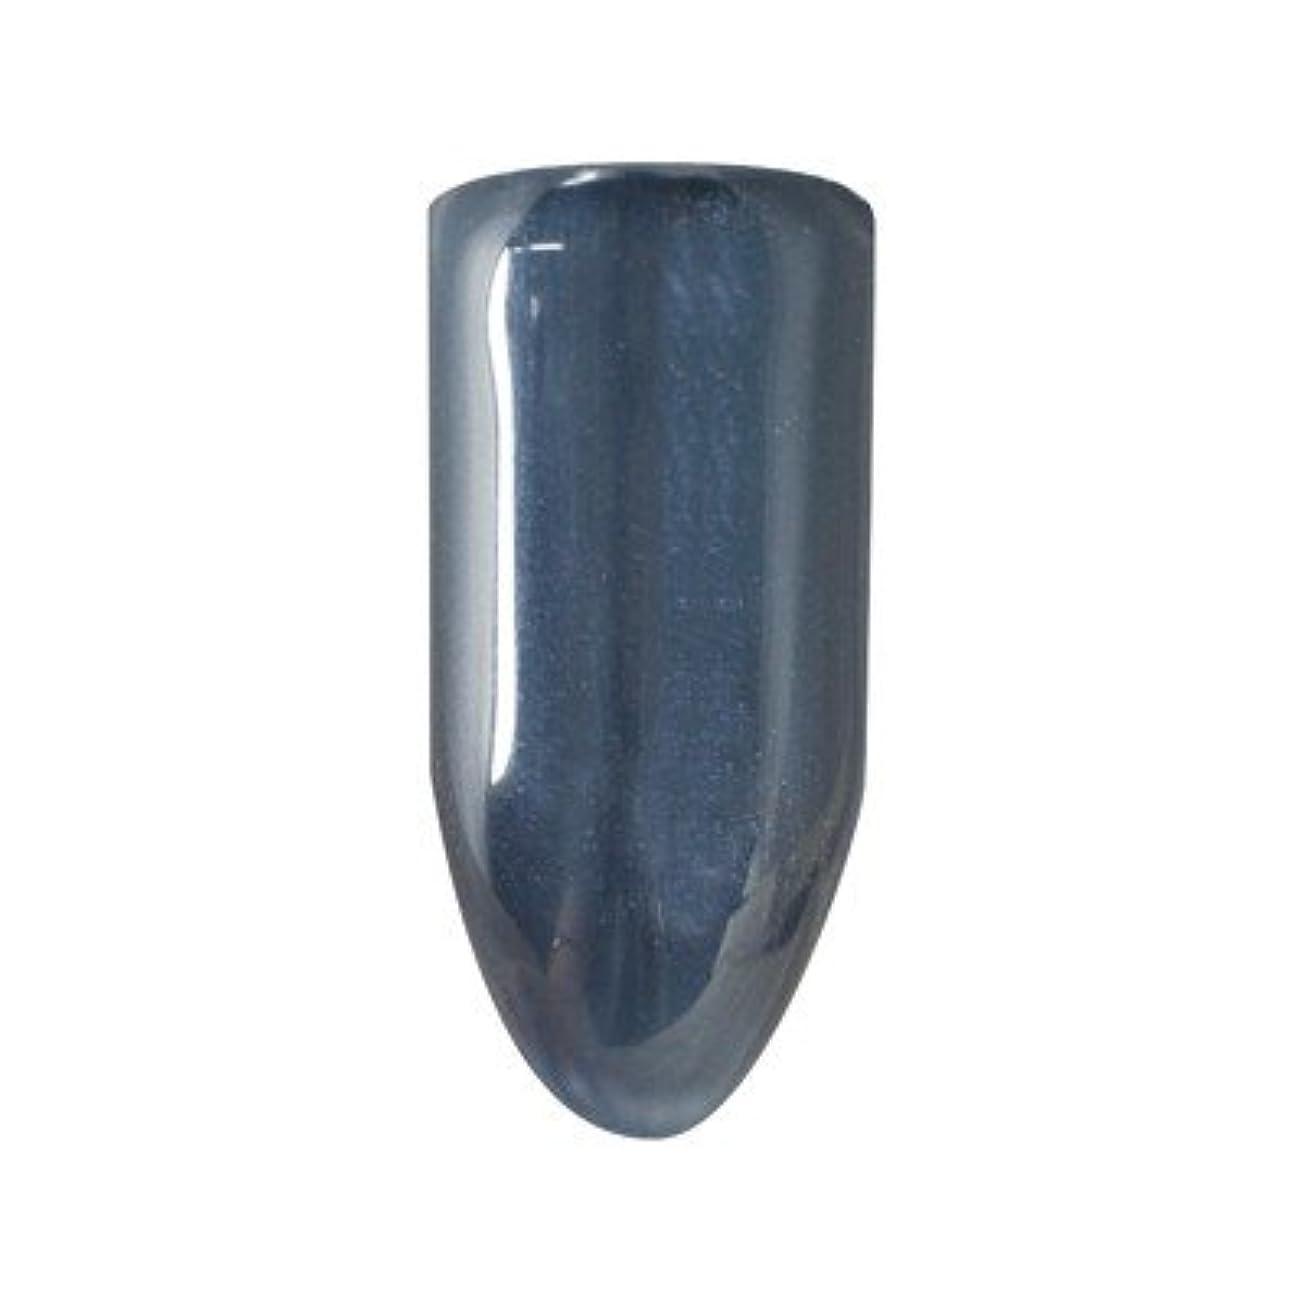 折るゾーンハイライトバイオスカルプチュアジェル カラージェル 127 ヴィクトりアフォールズ K 4.5g